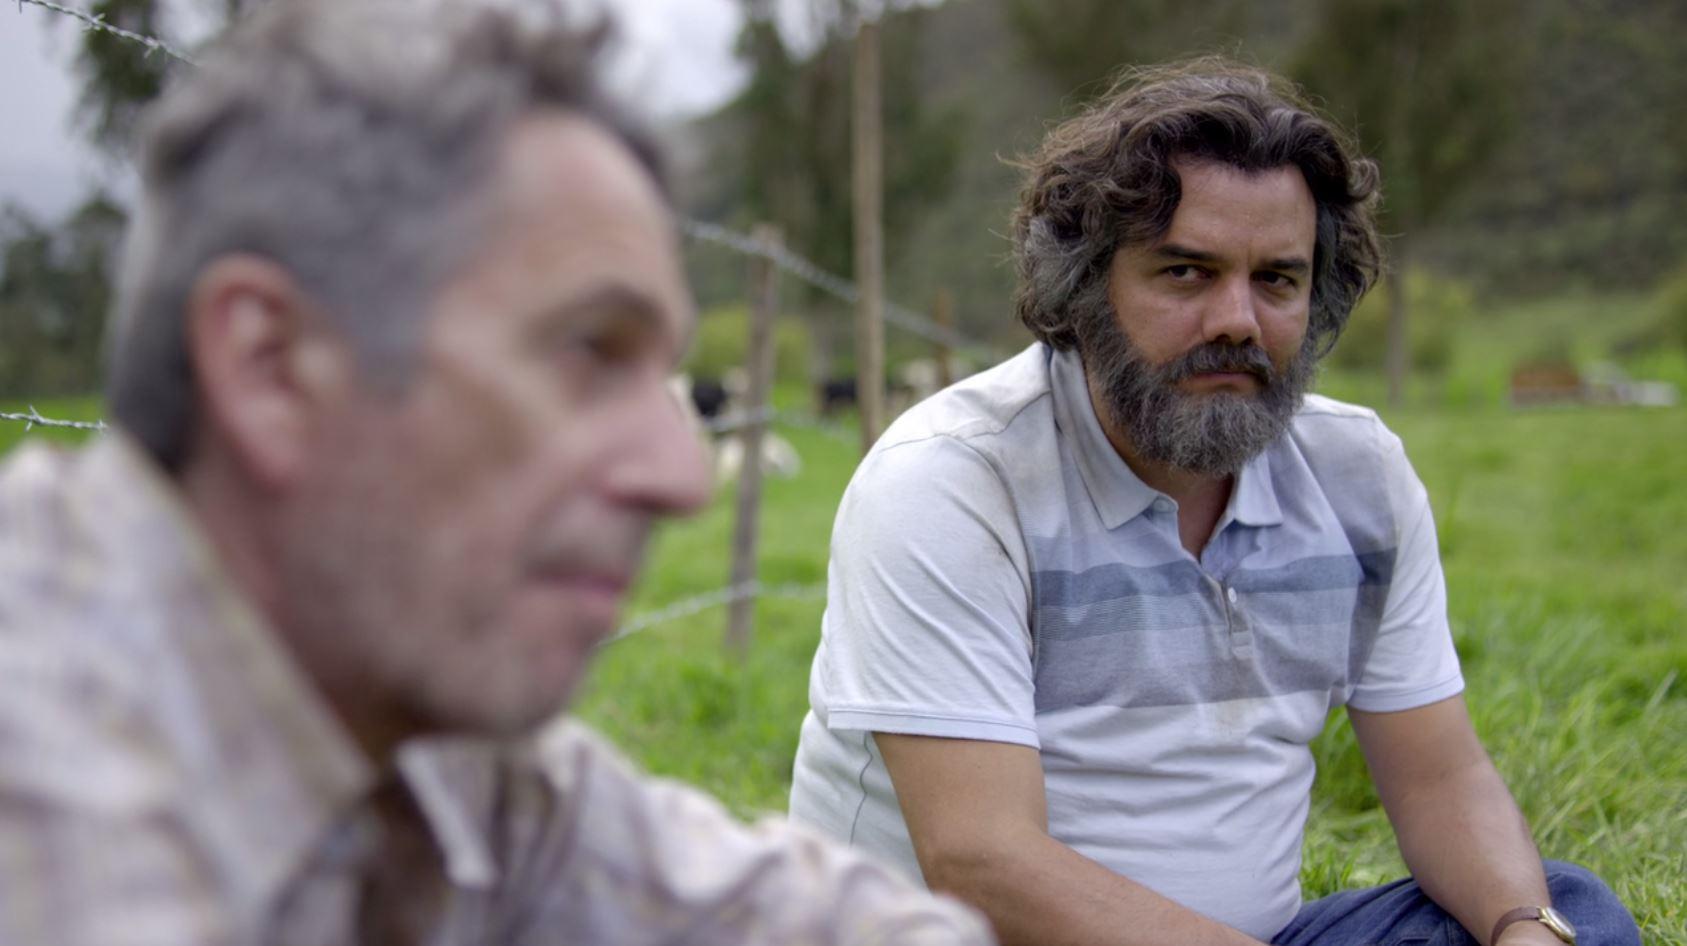 Una de las escenas en la que se puede ver una tensa conversación entre Pablo Escobar y su padre Abel